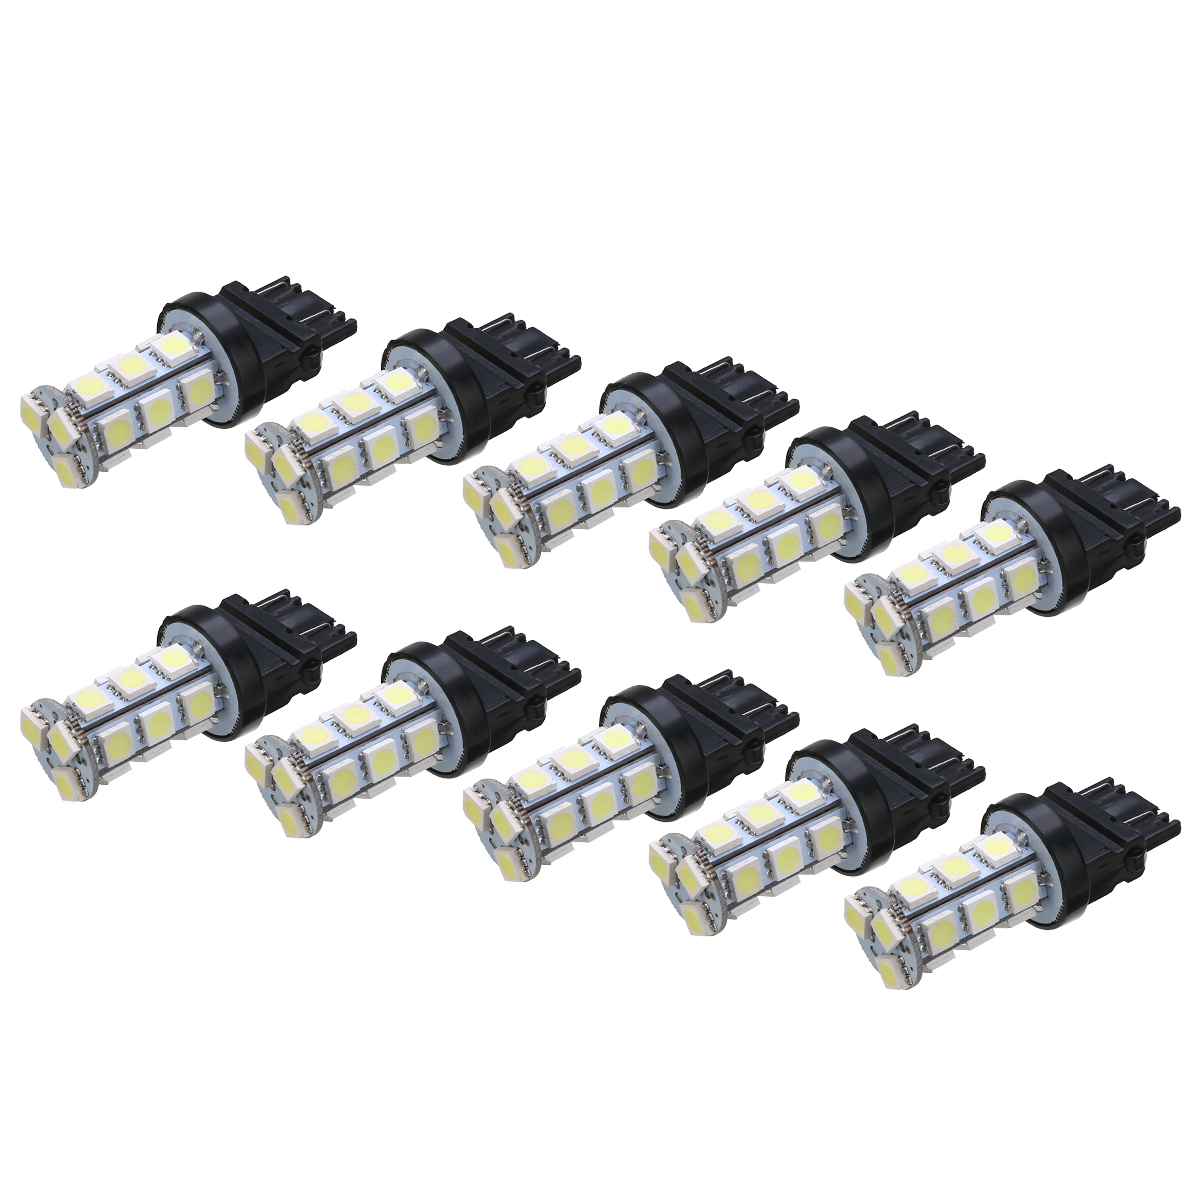 10Pcs/set 3157 18SMD 12V 6000K White Car Tail Brake Stop Backup Reverse Turn Signal Light Bulb Universal